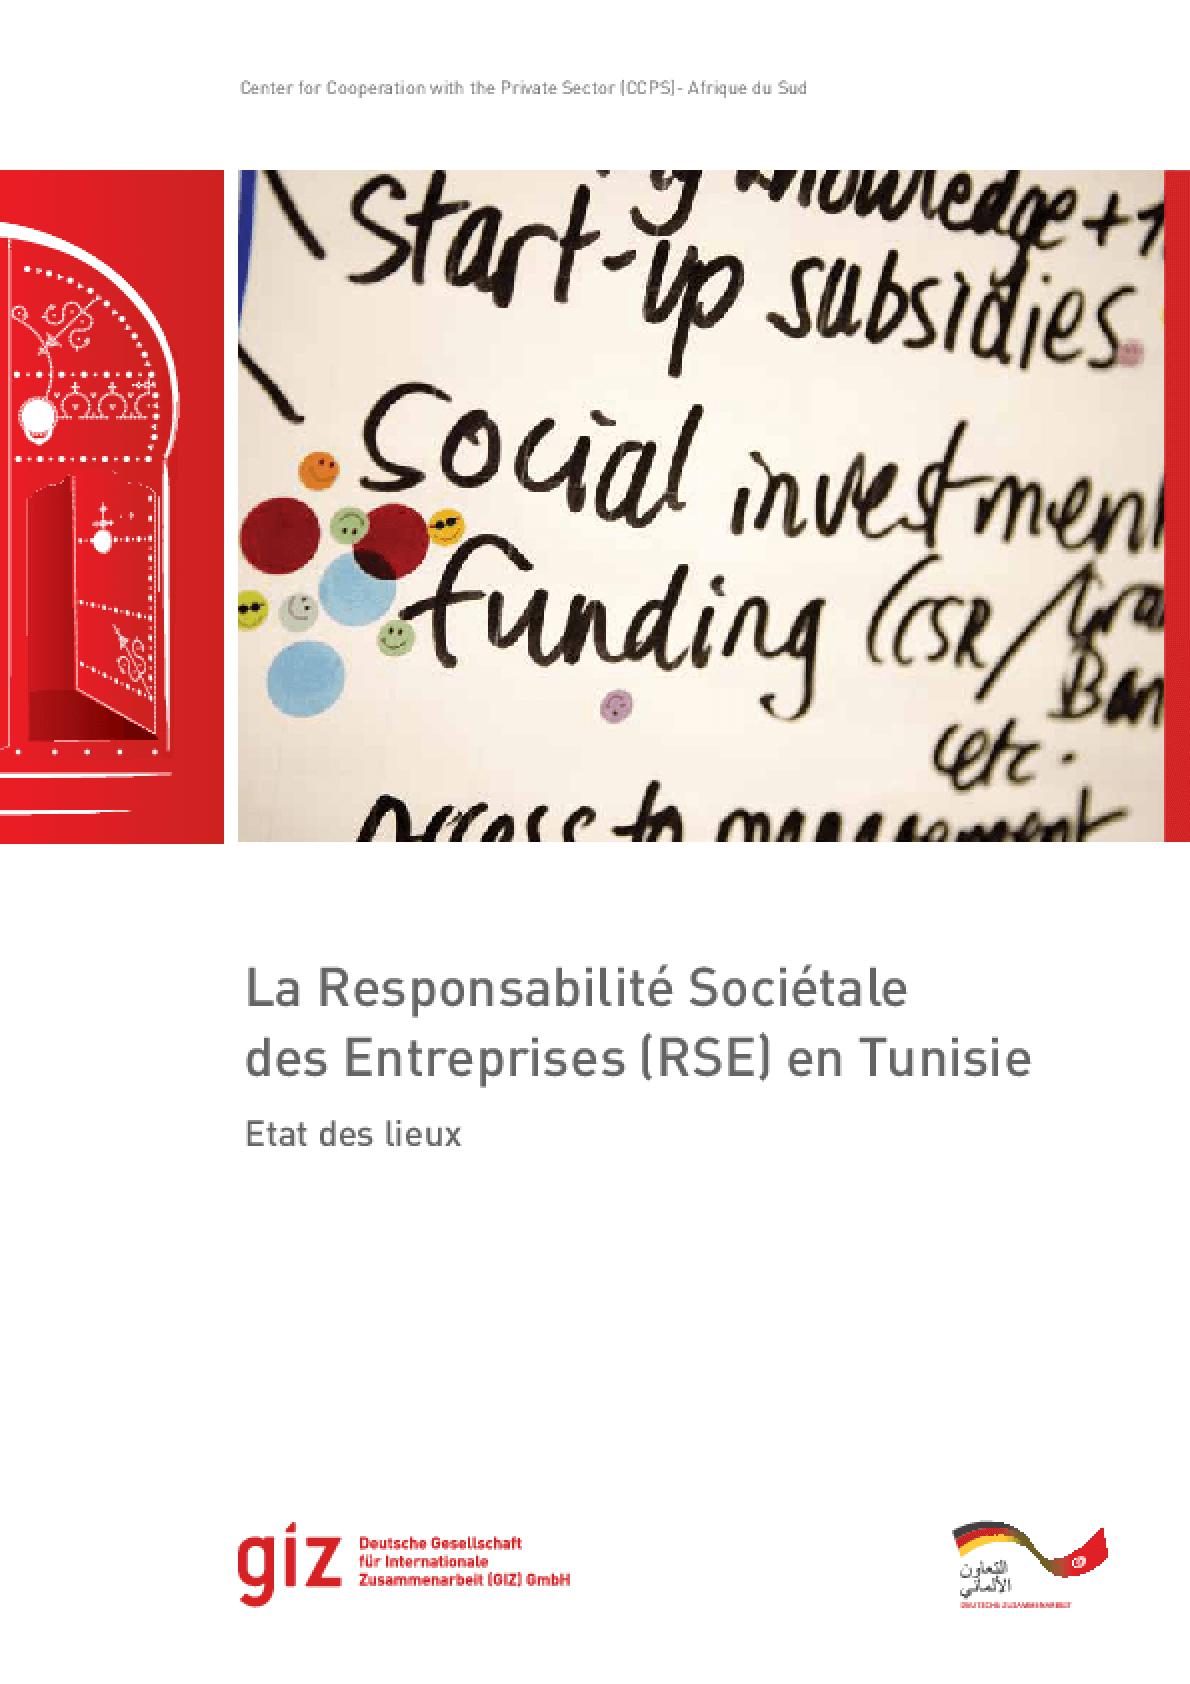 La Responsabilité Sociétale des Entreprises (RSE) en Tunisie: Etat des Lieux